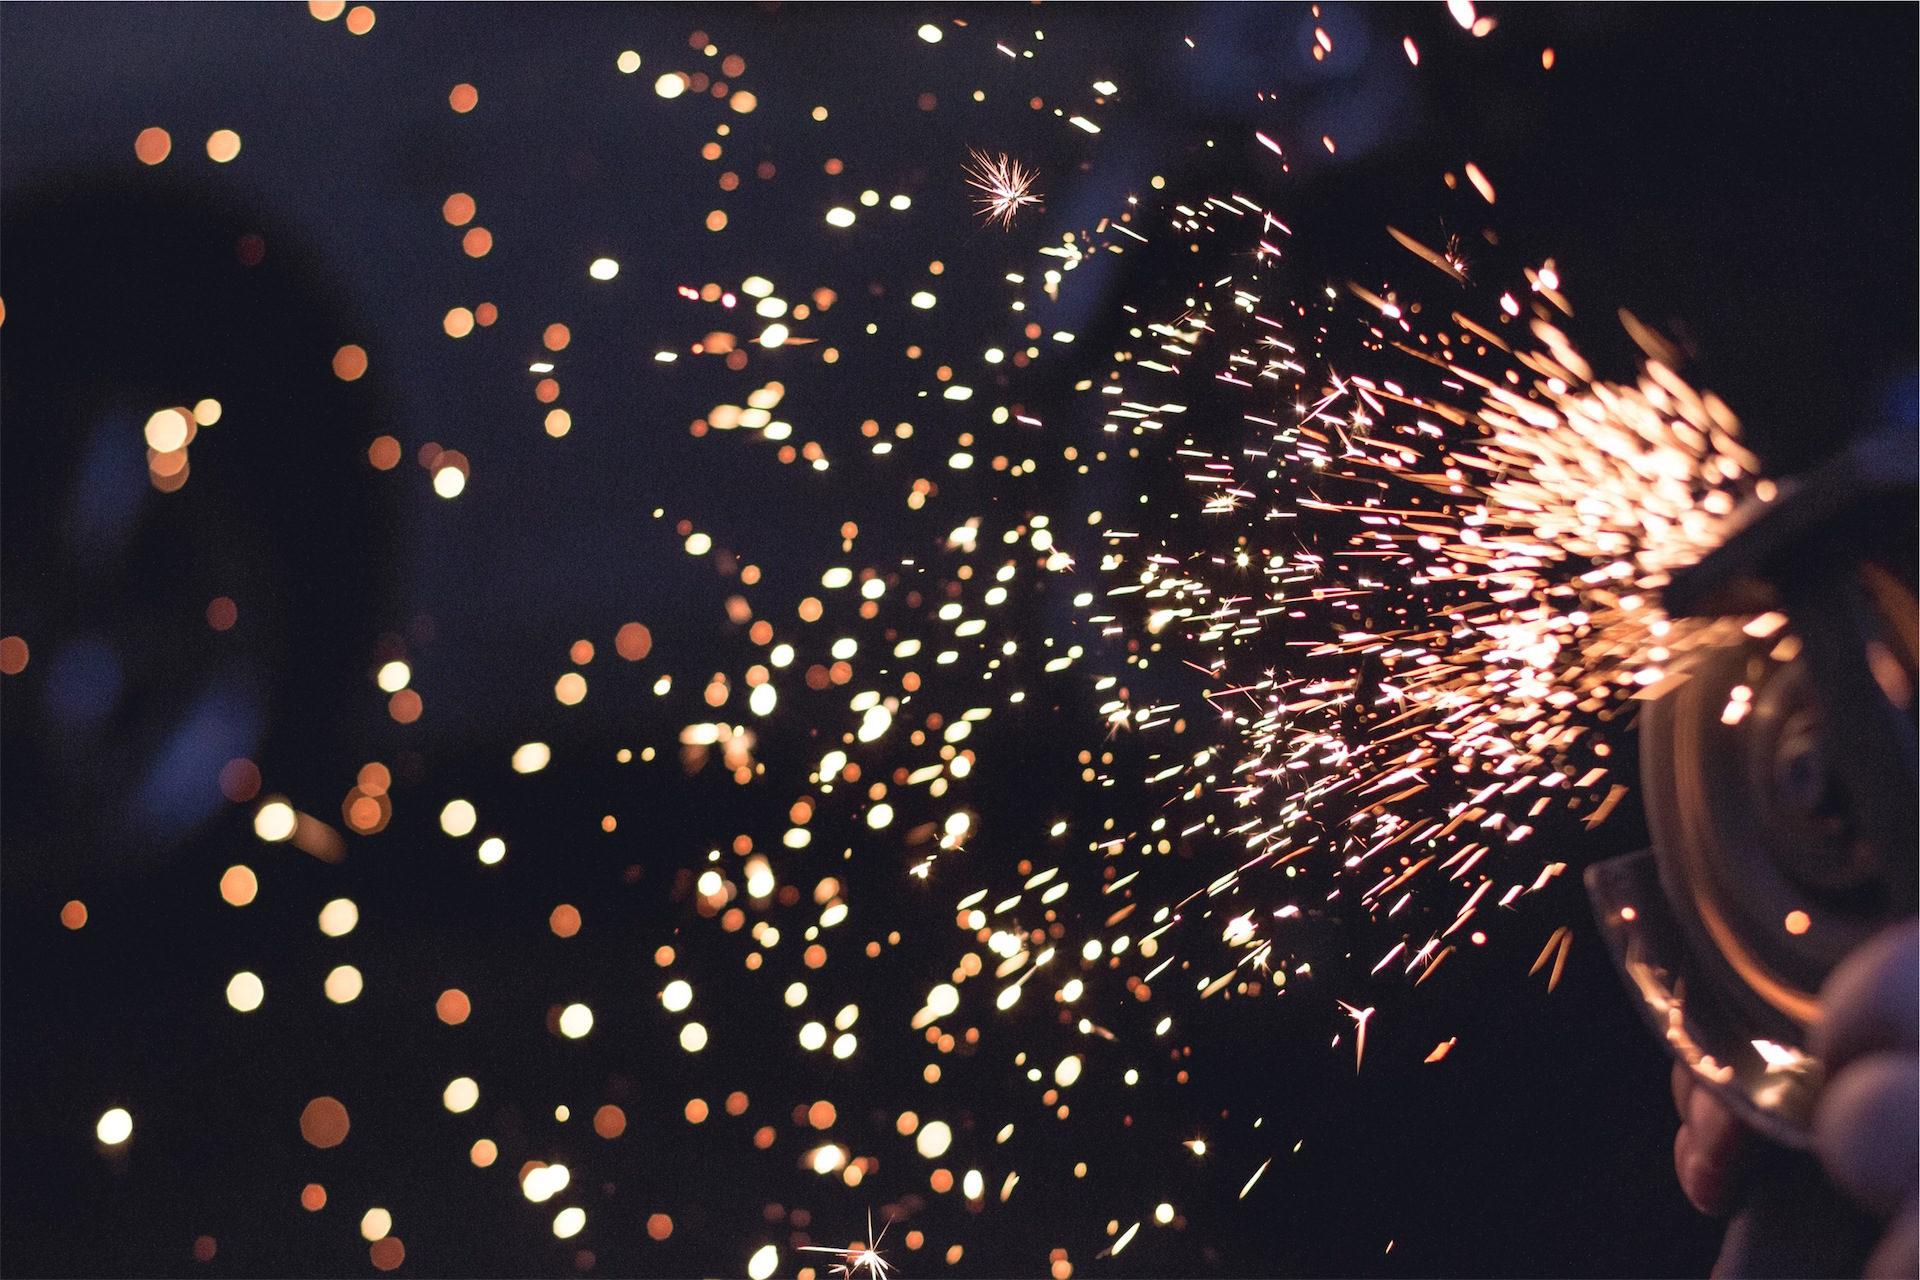 Sparks, luzes, fogo, explosão, flashes - Papéis de parede HD - Professor-falken.com